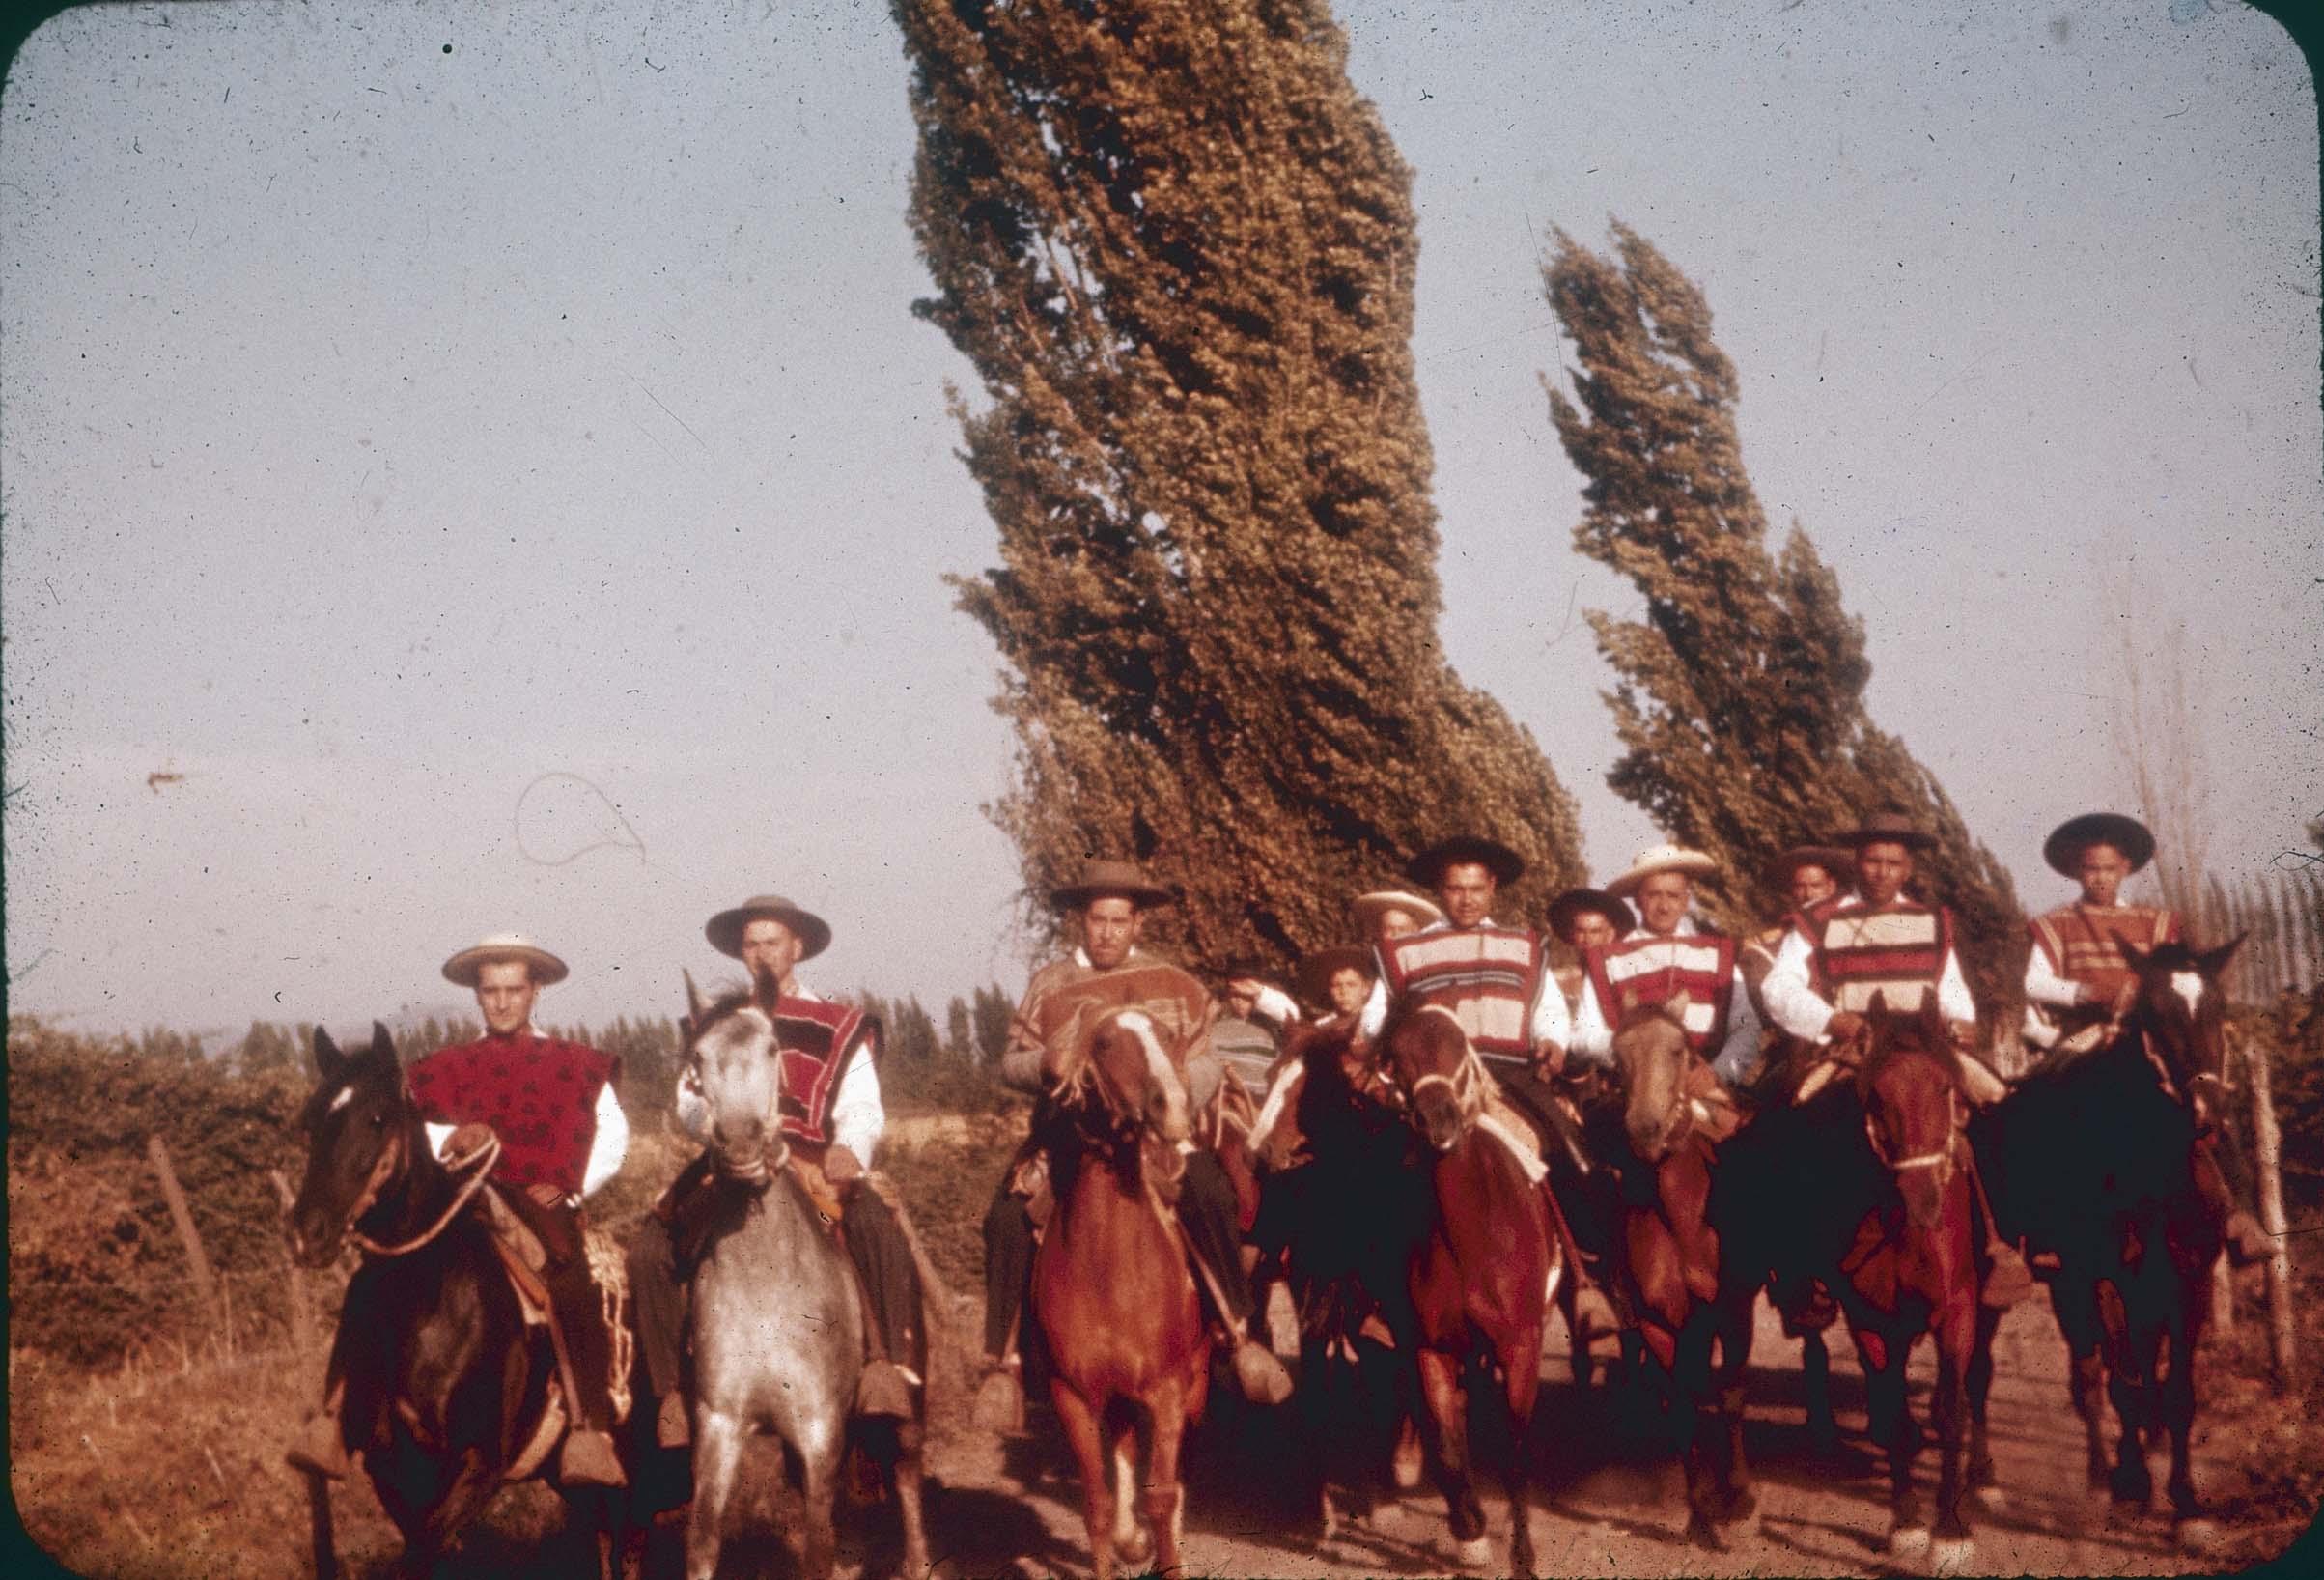 Enterreno - Fotos históricas de chile - fotos antiguas de Chile - Huasos a caballo en Curicó en los 60